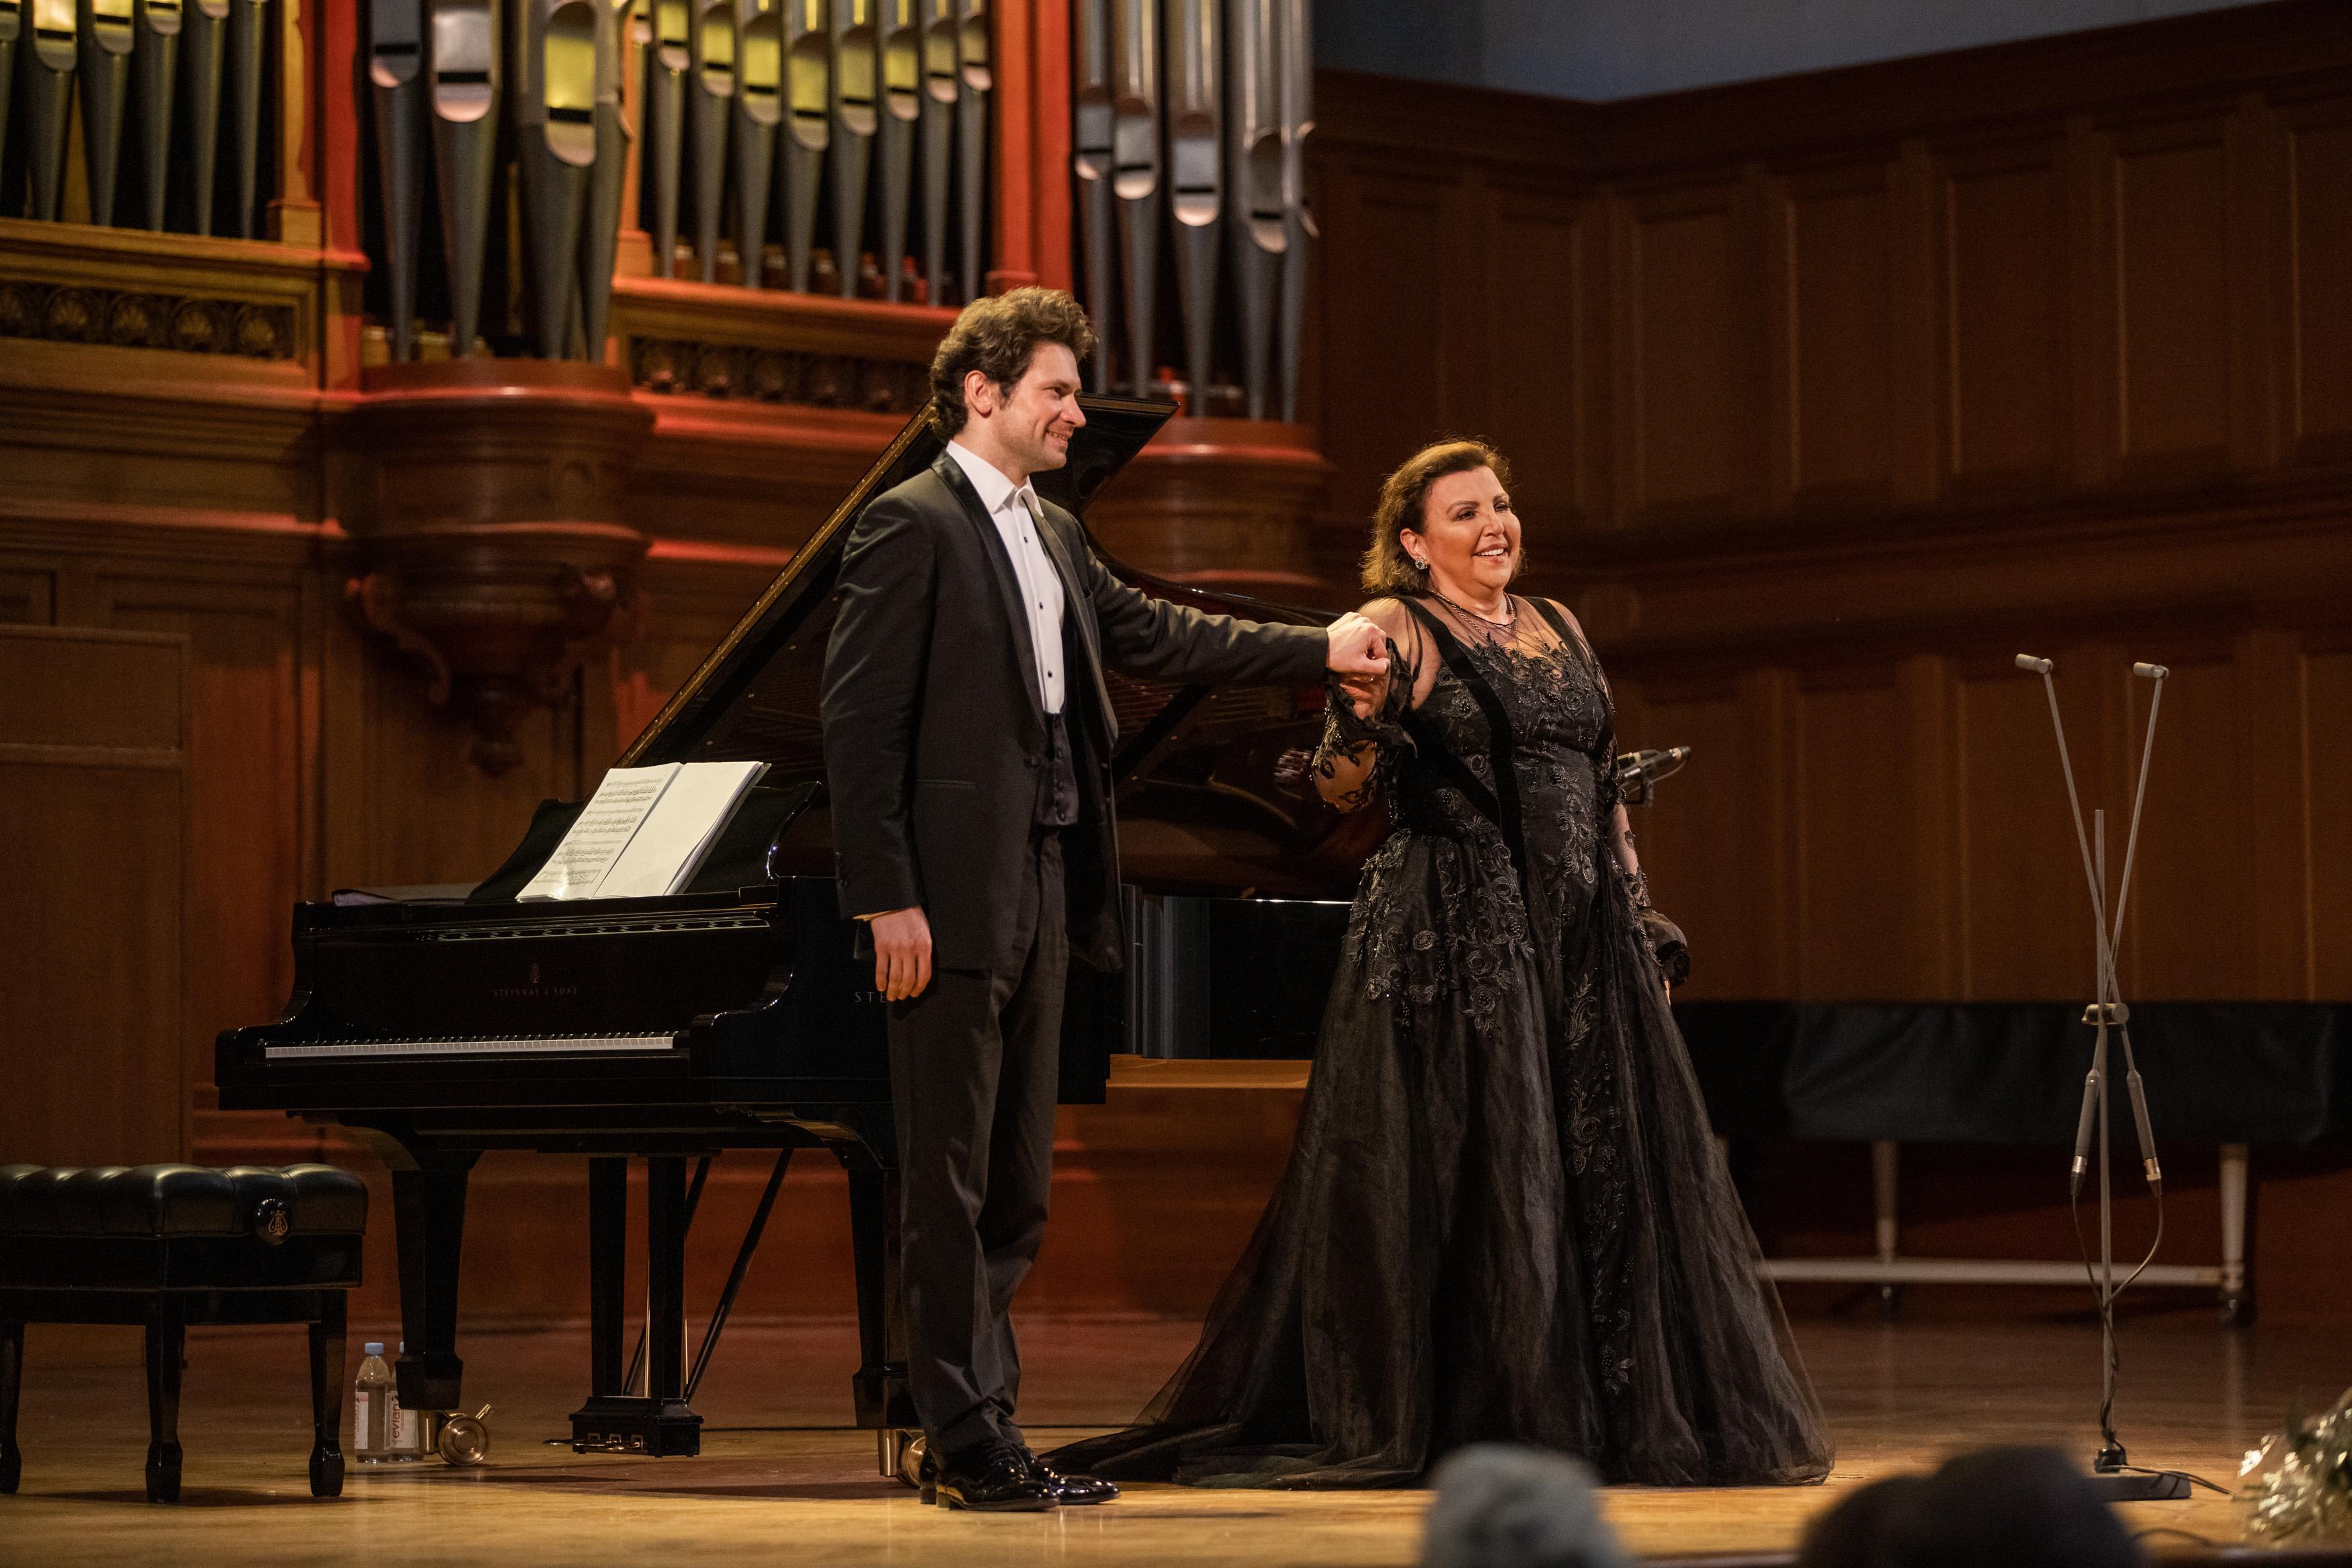 Концерт Марии Гулегиной в Москве: почему аристократам духа никакой хайп не нужен